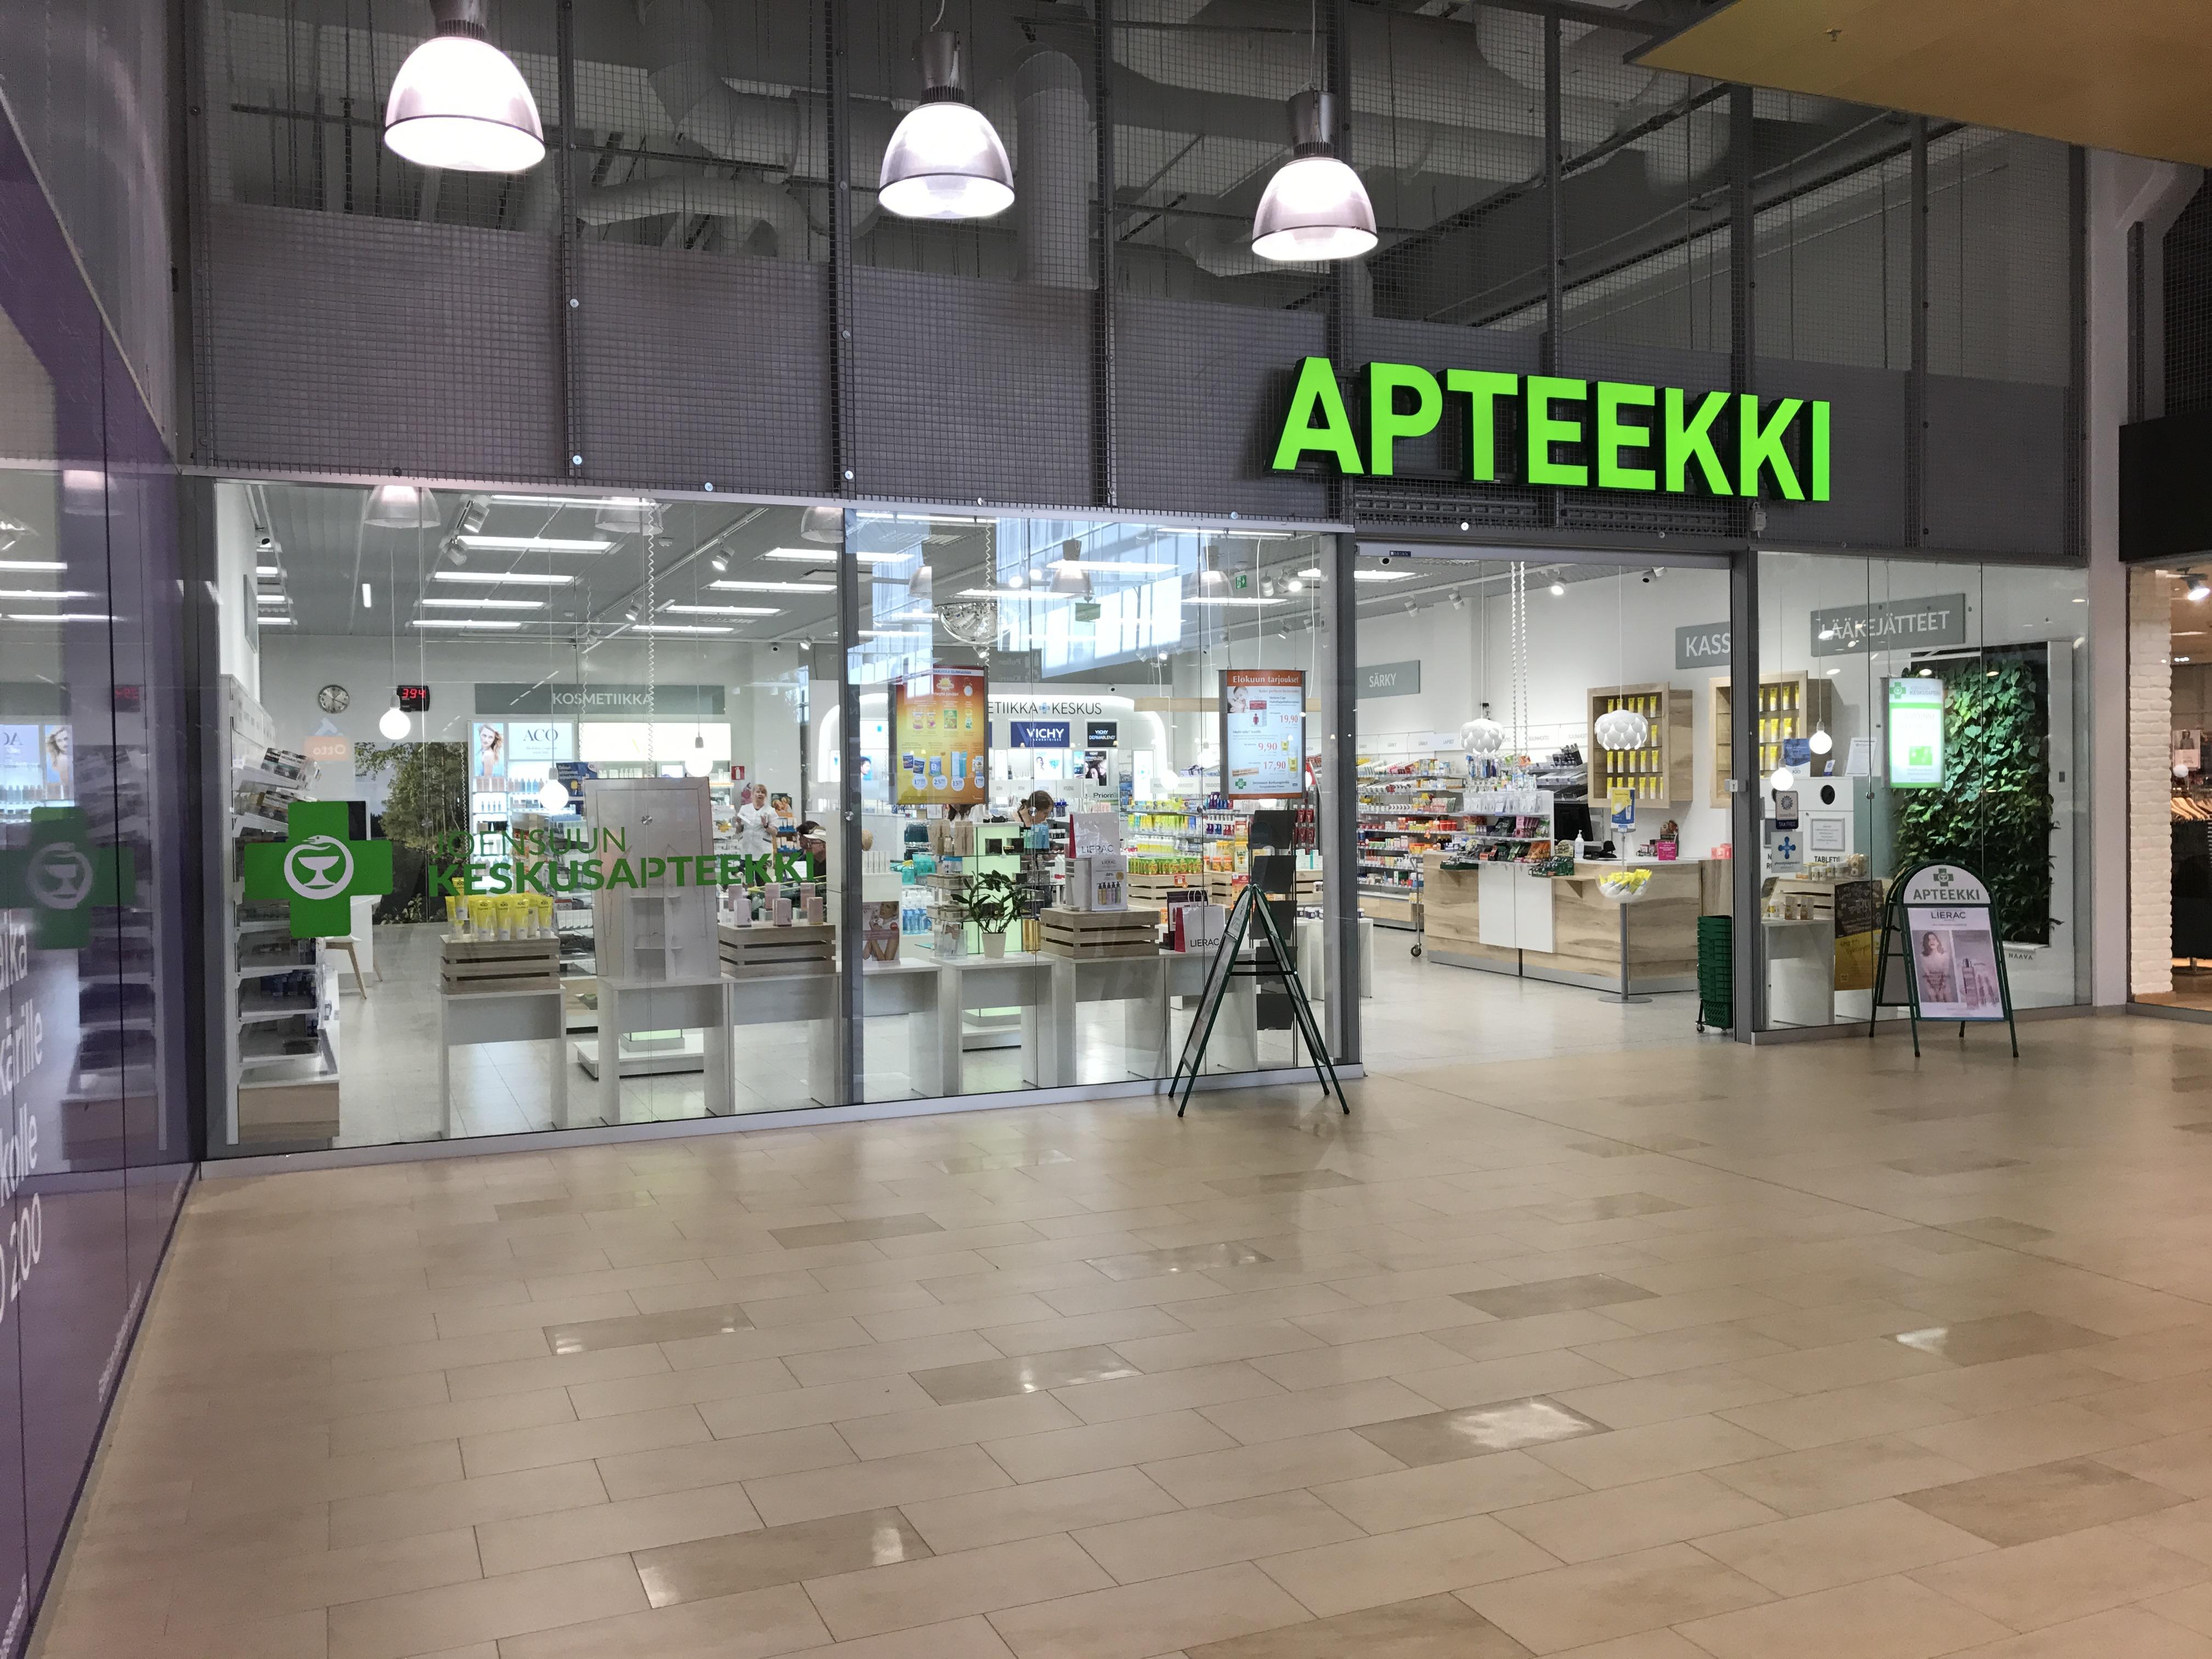 vmp-interior_joensuun_keskusapteekki_prismassa.jpg